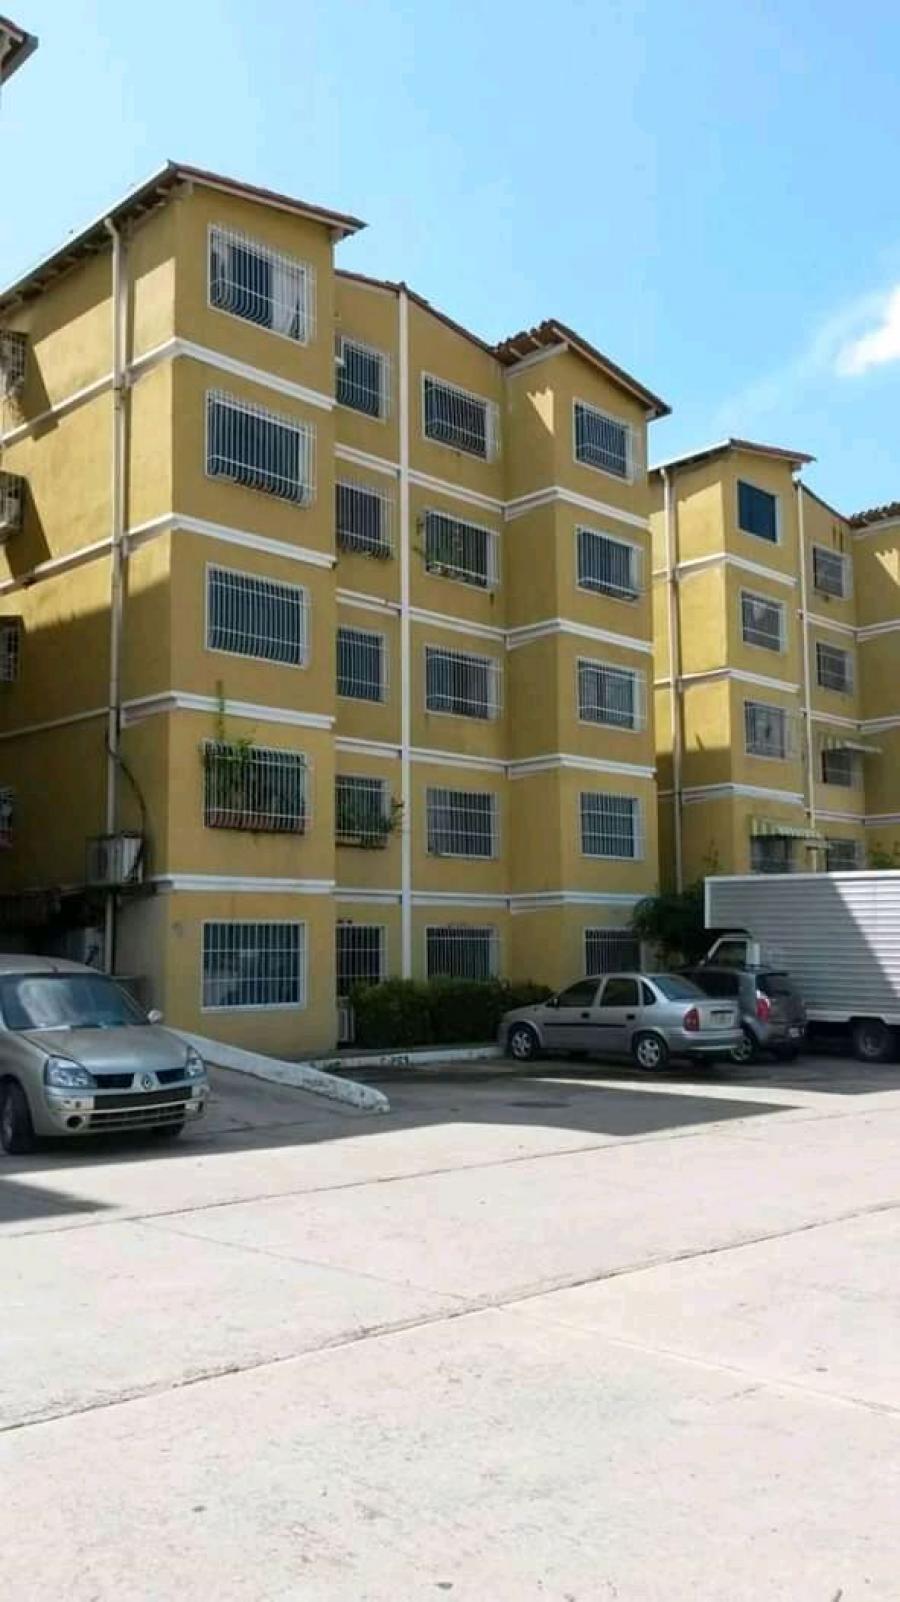 Foto Apartamento en Venta en C�a, Cua, Miranda - U$D 11.000 - APV137930 - BienesOnLine